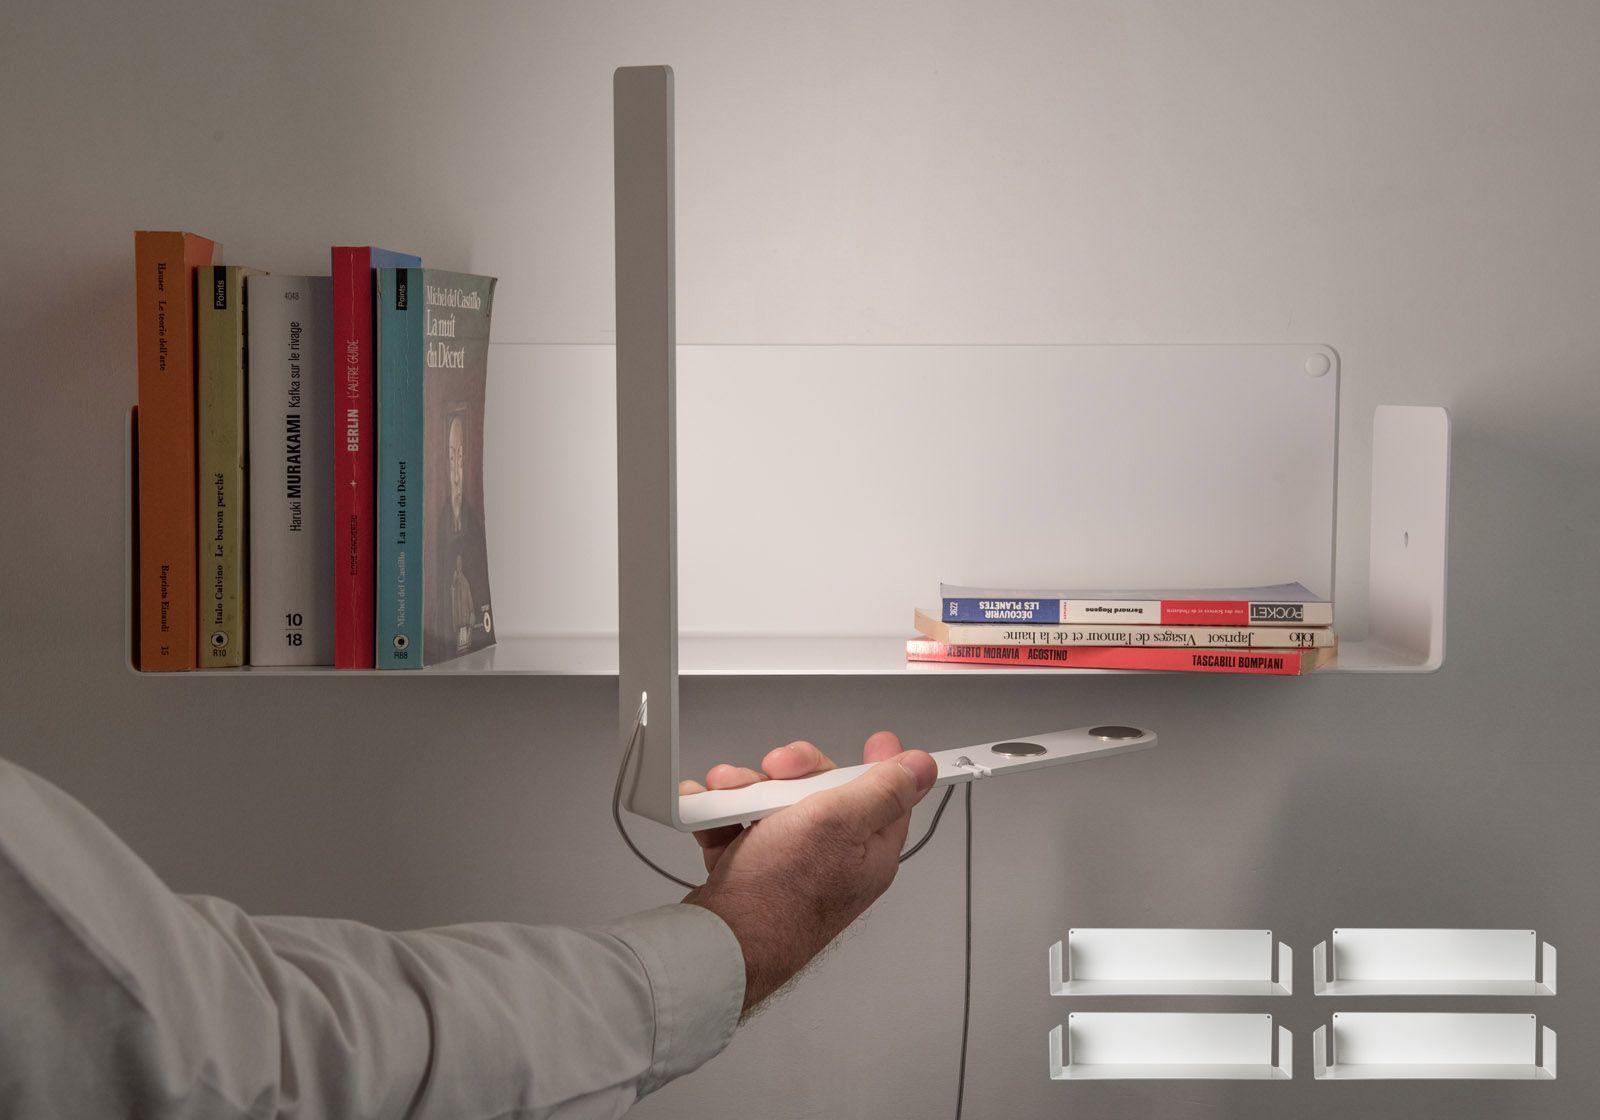 Lampade Muro Design: Lampade da muro archivi - domus nova ...